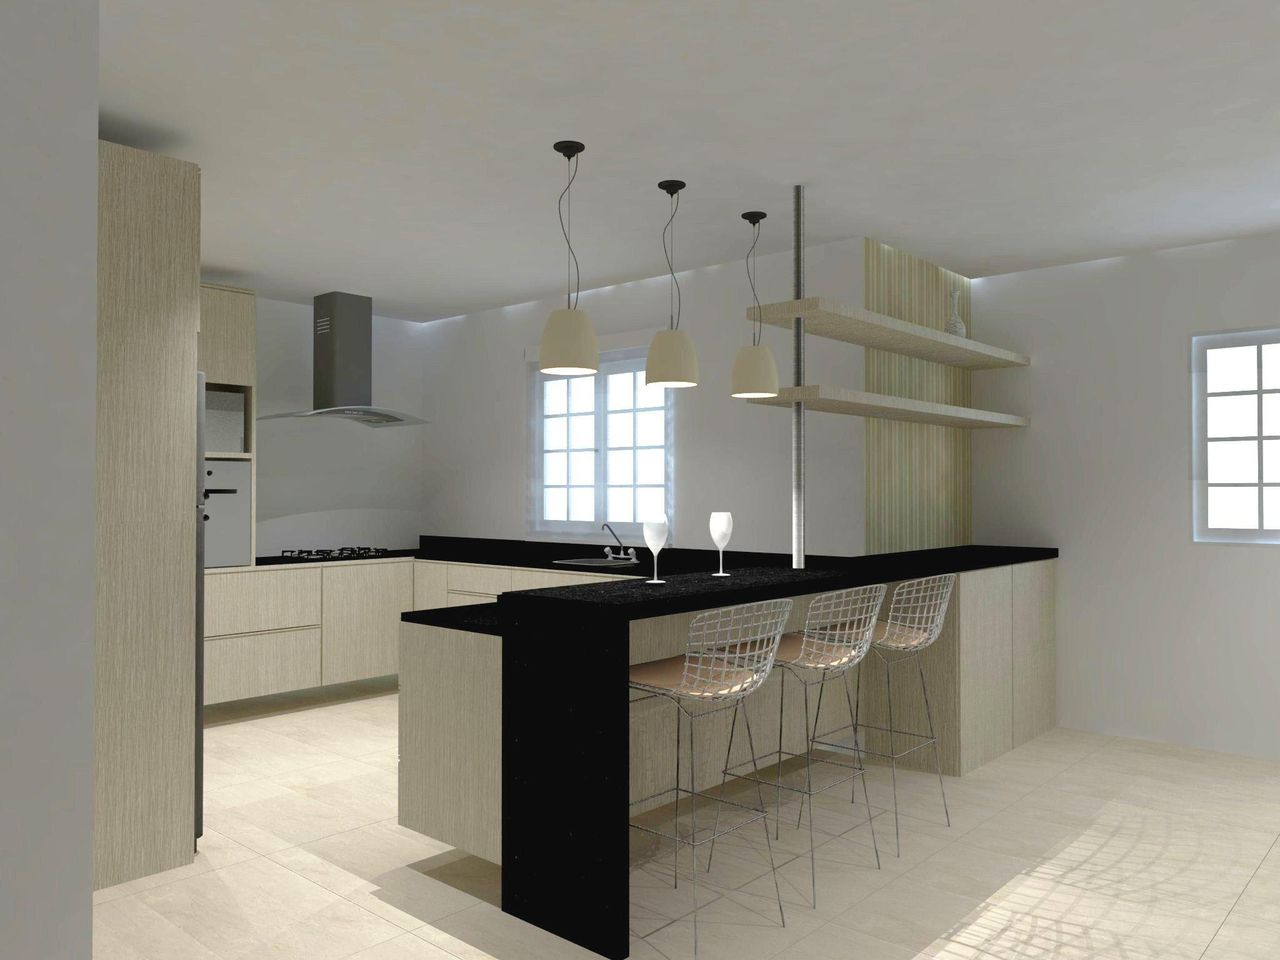 Cozinha Americana De Elo Arquitetura E Interiores 42800 No Viva Decora